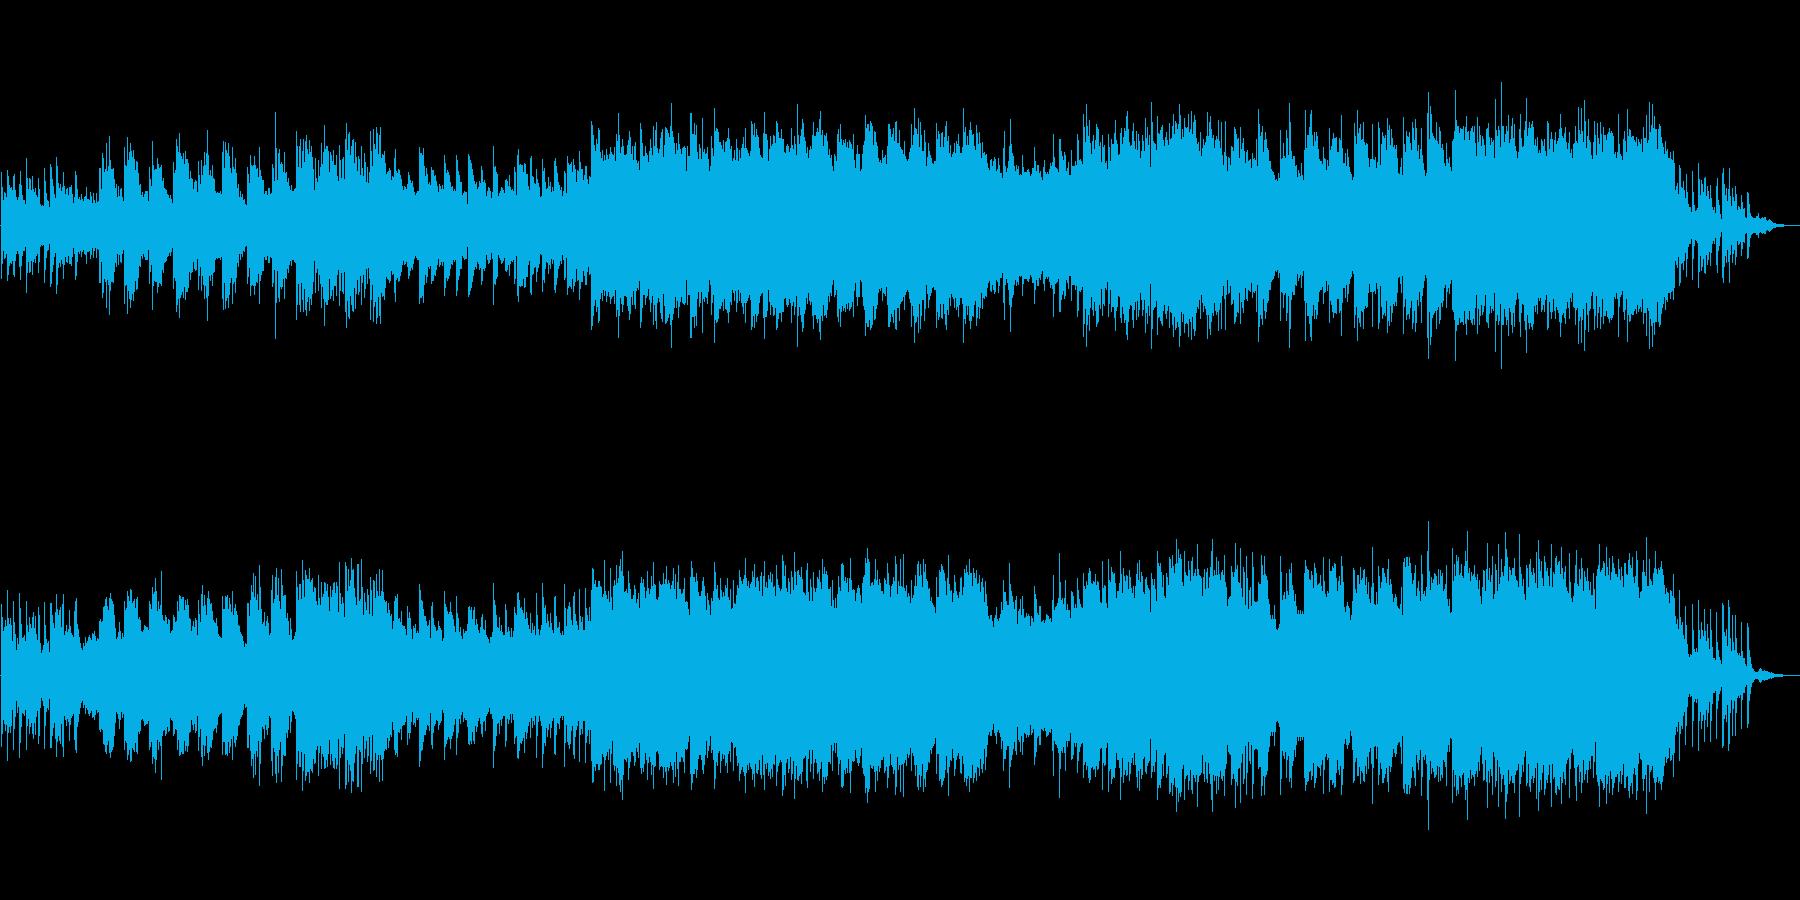 和風 しっとりやさしいバラードの篠笛抜きの再生済みの波形